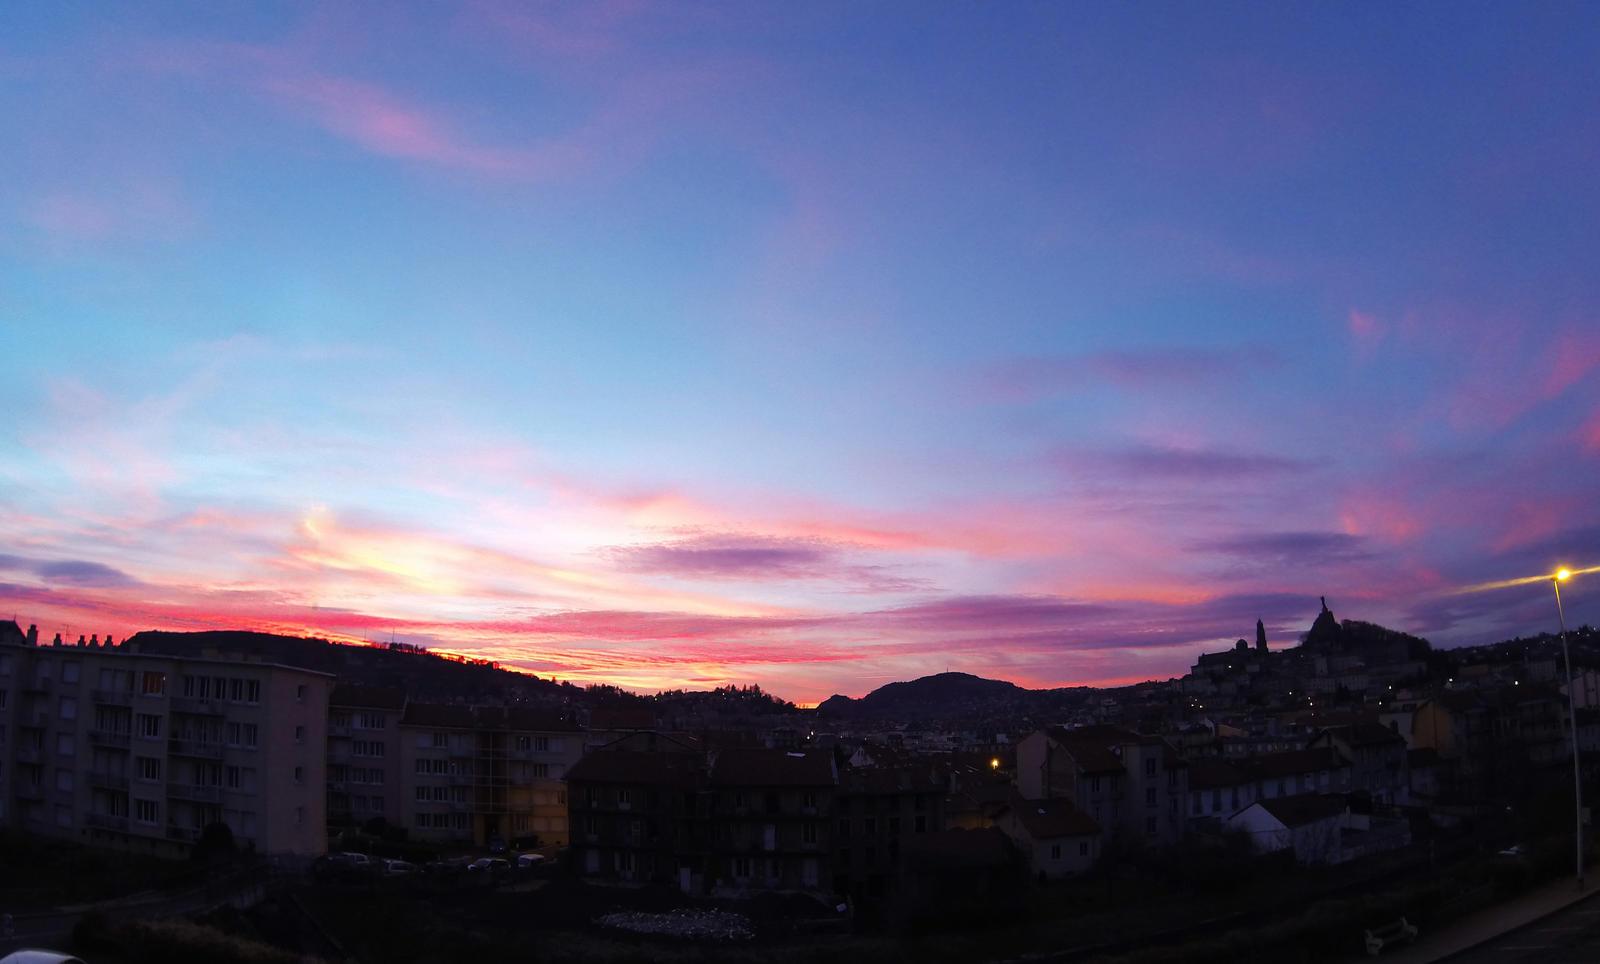 LPV ciel rose